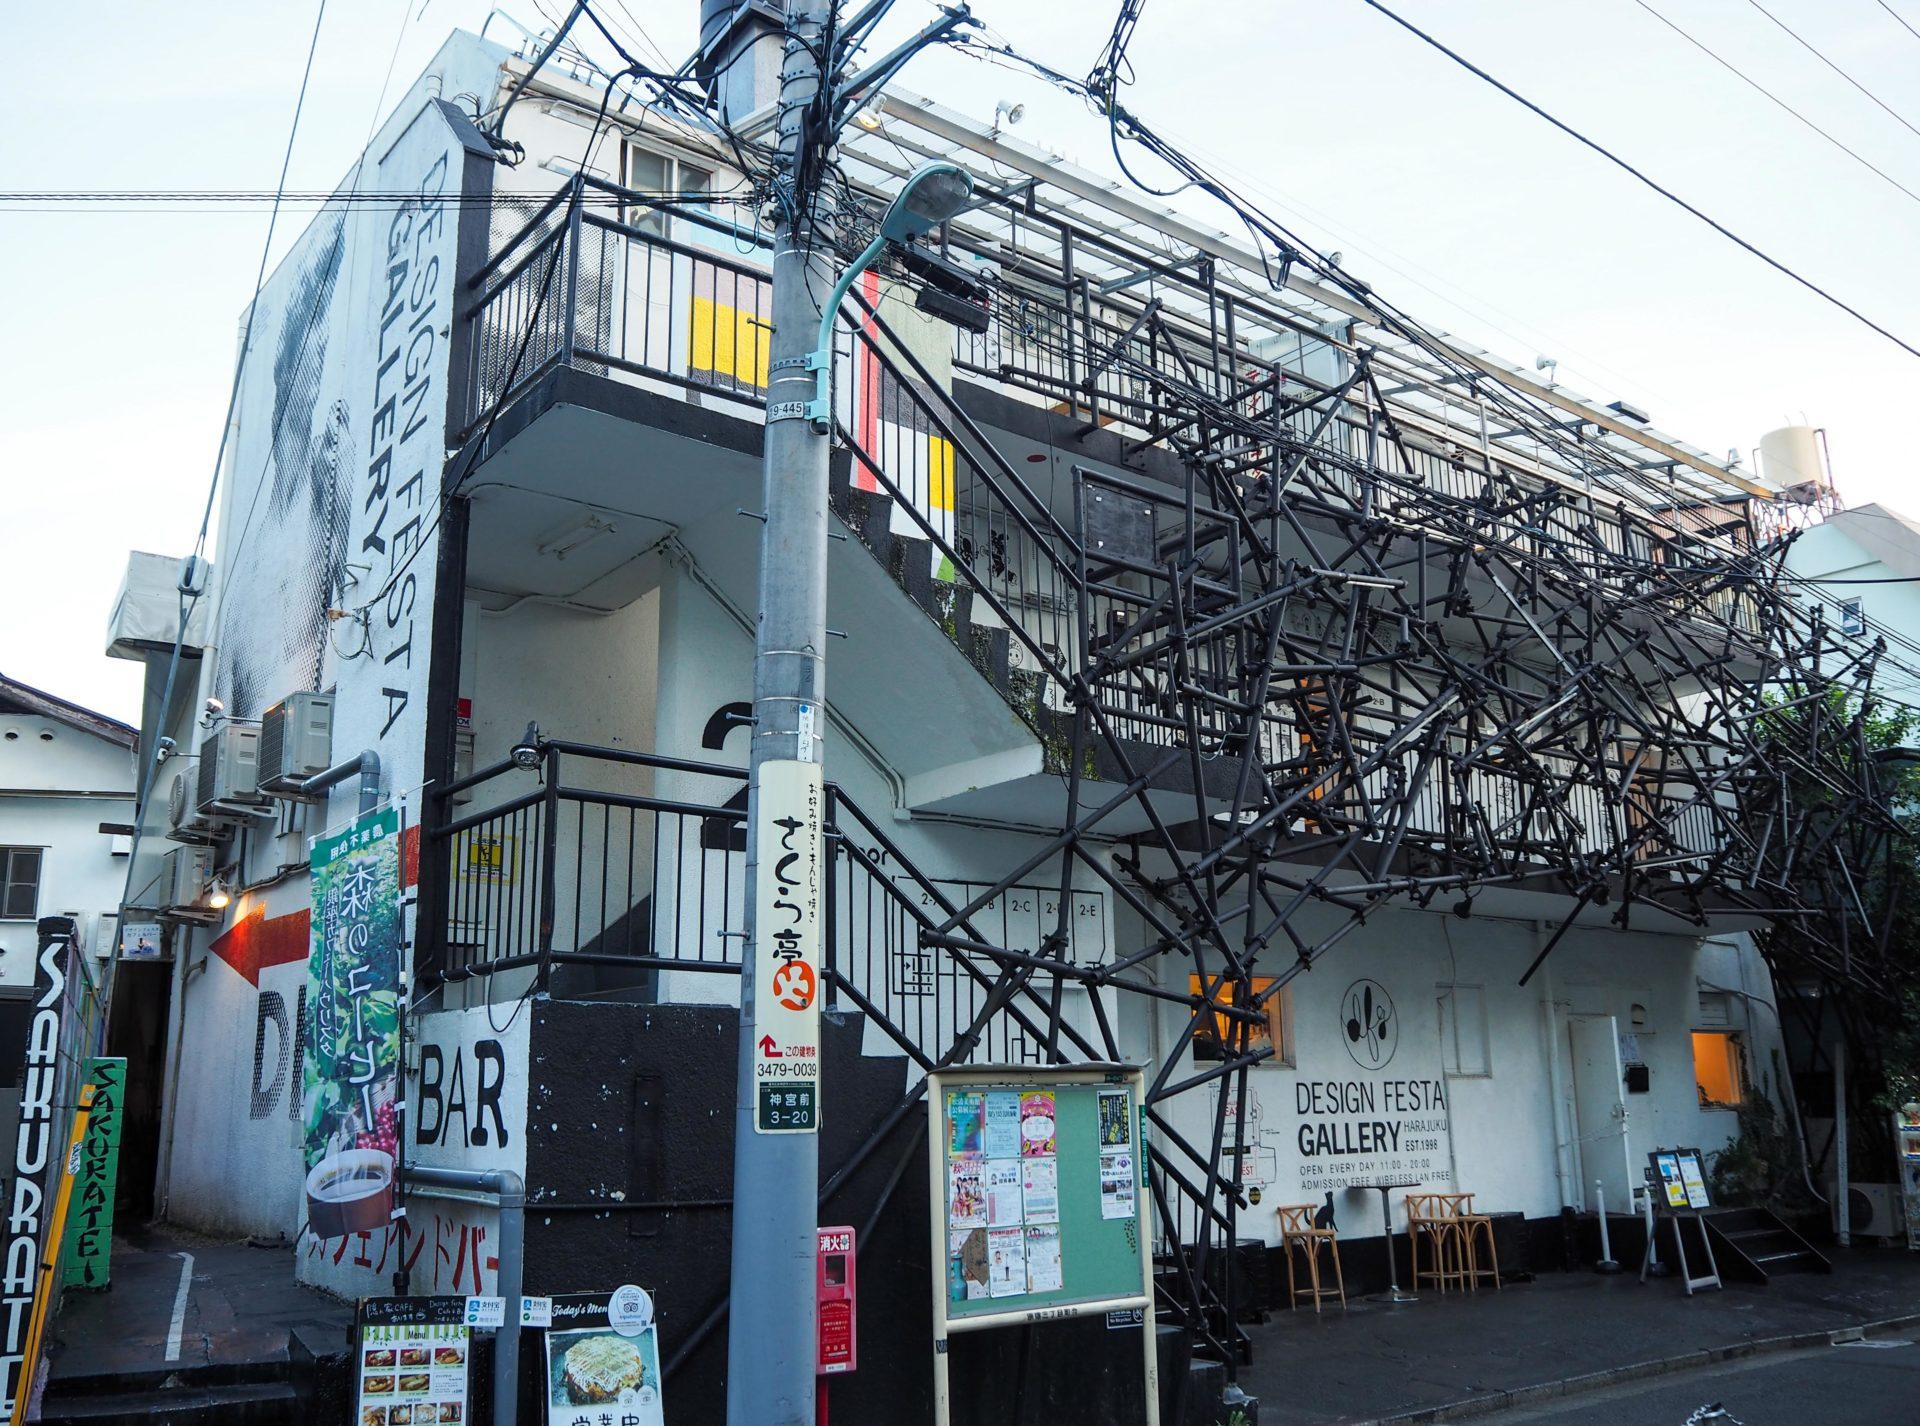 Design Festa Gallery à Urahara à Tokyo - Escale à Tokyo: 24h dans la capitale du Japon - Tokyo en 24h - Récit et itinéraire pour visiter Tokyo en une journée